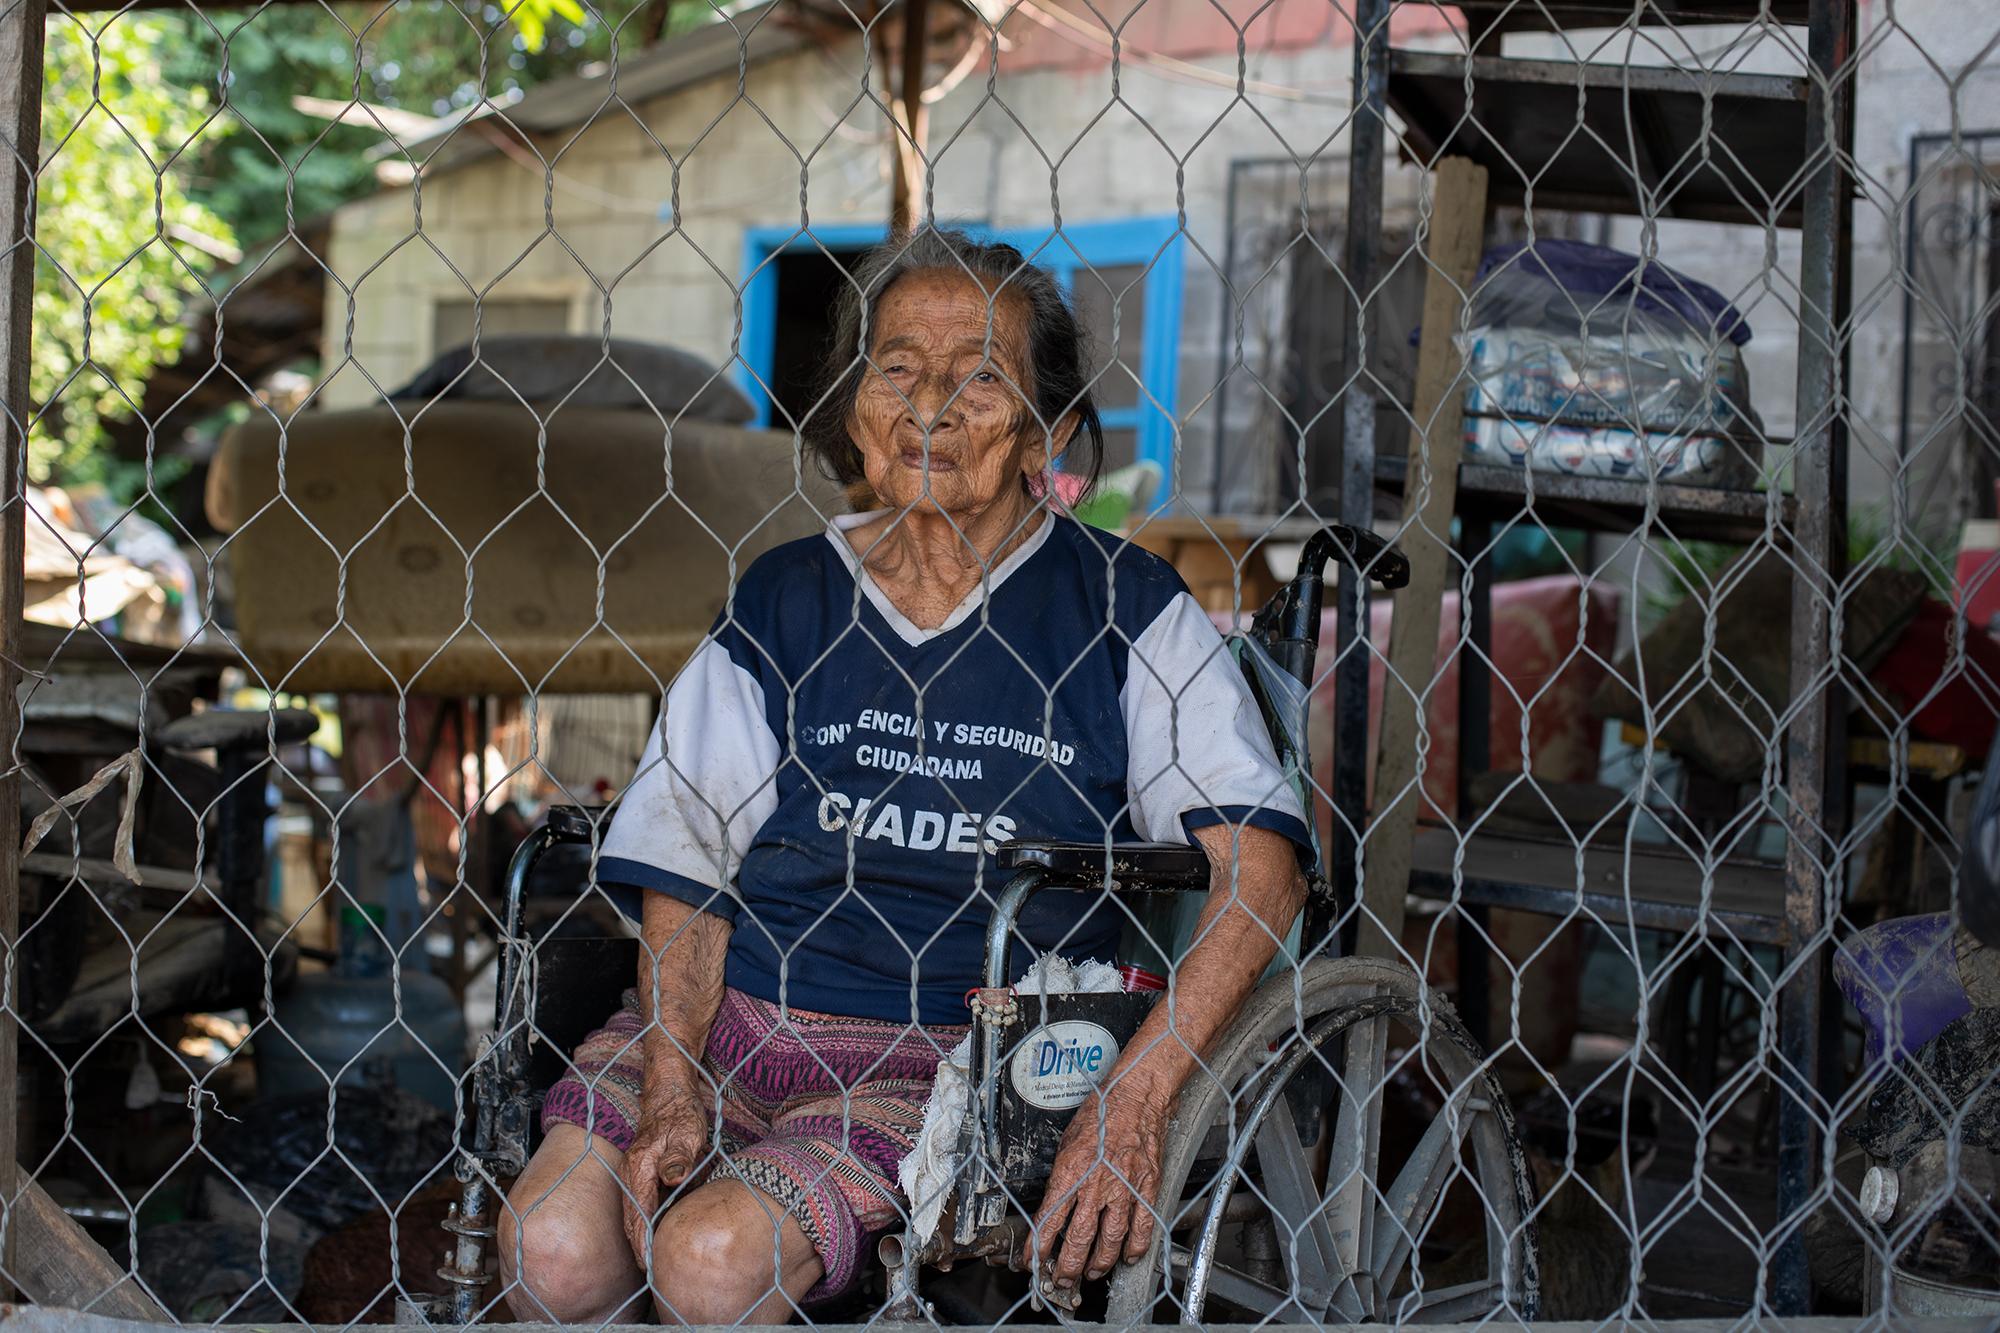 Seferina Lara, de 96 años, vive sola hace 20 años y ha quedado en silla de ruedas, ella vive en la colonia Los Ángeles, del municipio de La Lima, donde ha sido retratada. Esta anciana está a merced de la voluntad de las personas que quieran ayudarle con comida, o en caso de tener suerte, evacuándola de una casa que podría volverse a inundar. Su vida, la de sus gallinas y su gato correrían peligro. La Lima, Cortés, 13 de noviembre de 2020. Foto: Martín Cálix.